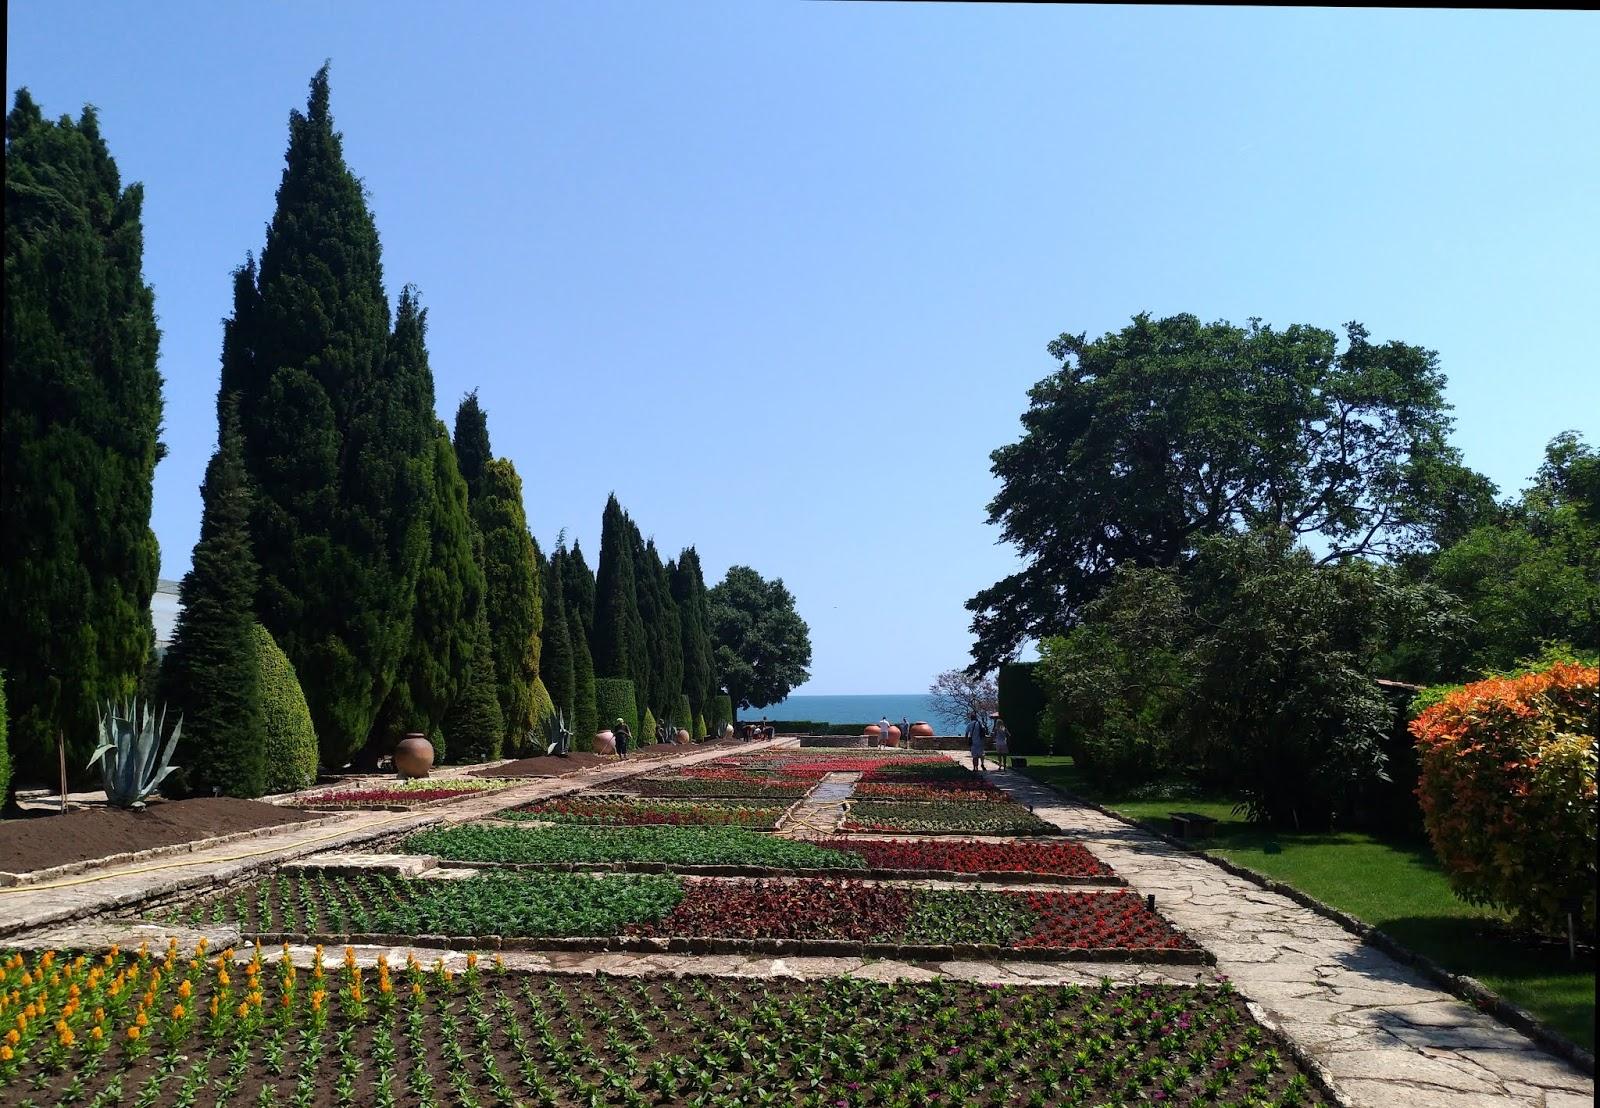 ogród botaniczny w Bałcziku w Bułgarii